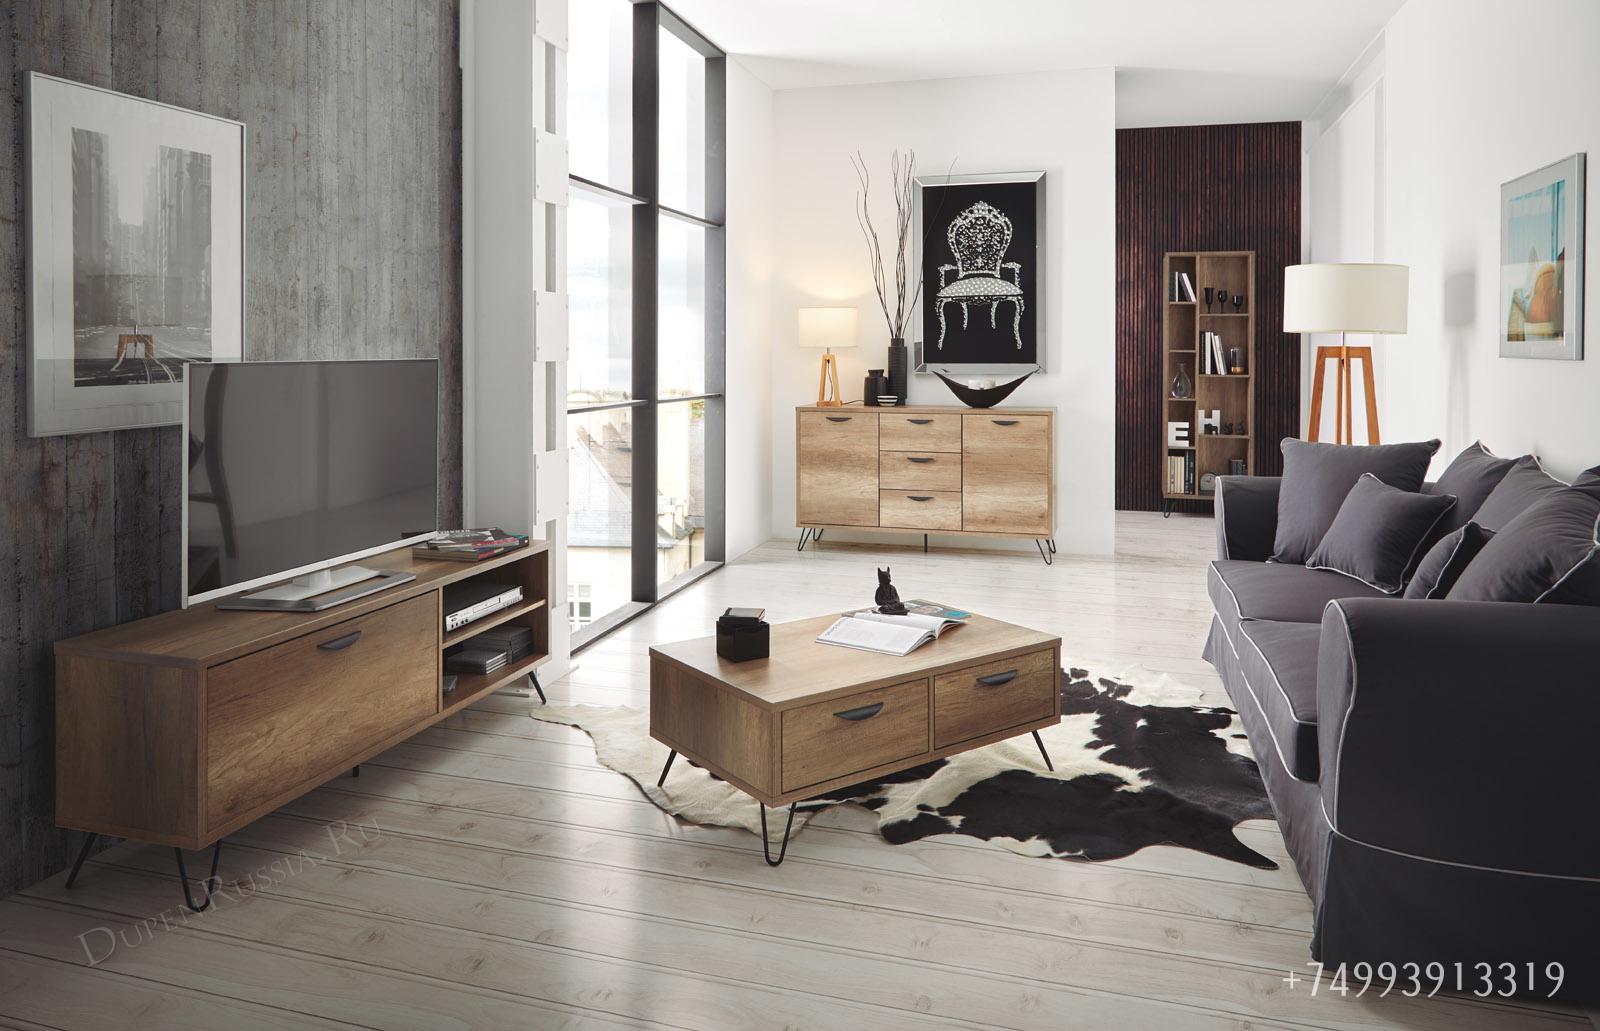 Коллекция KANSAS: тв тумба, буфет и журнальный стол